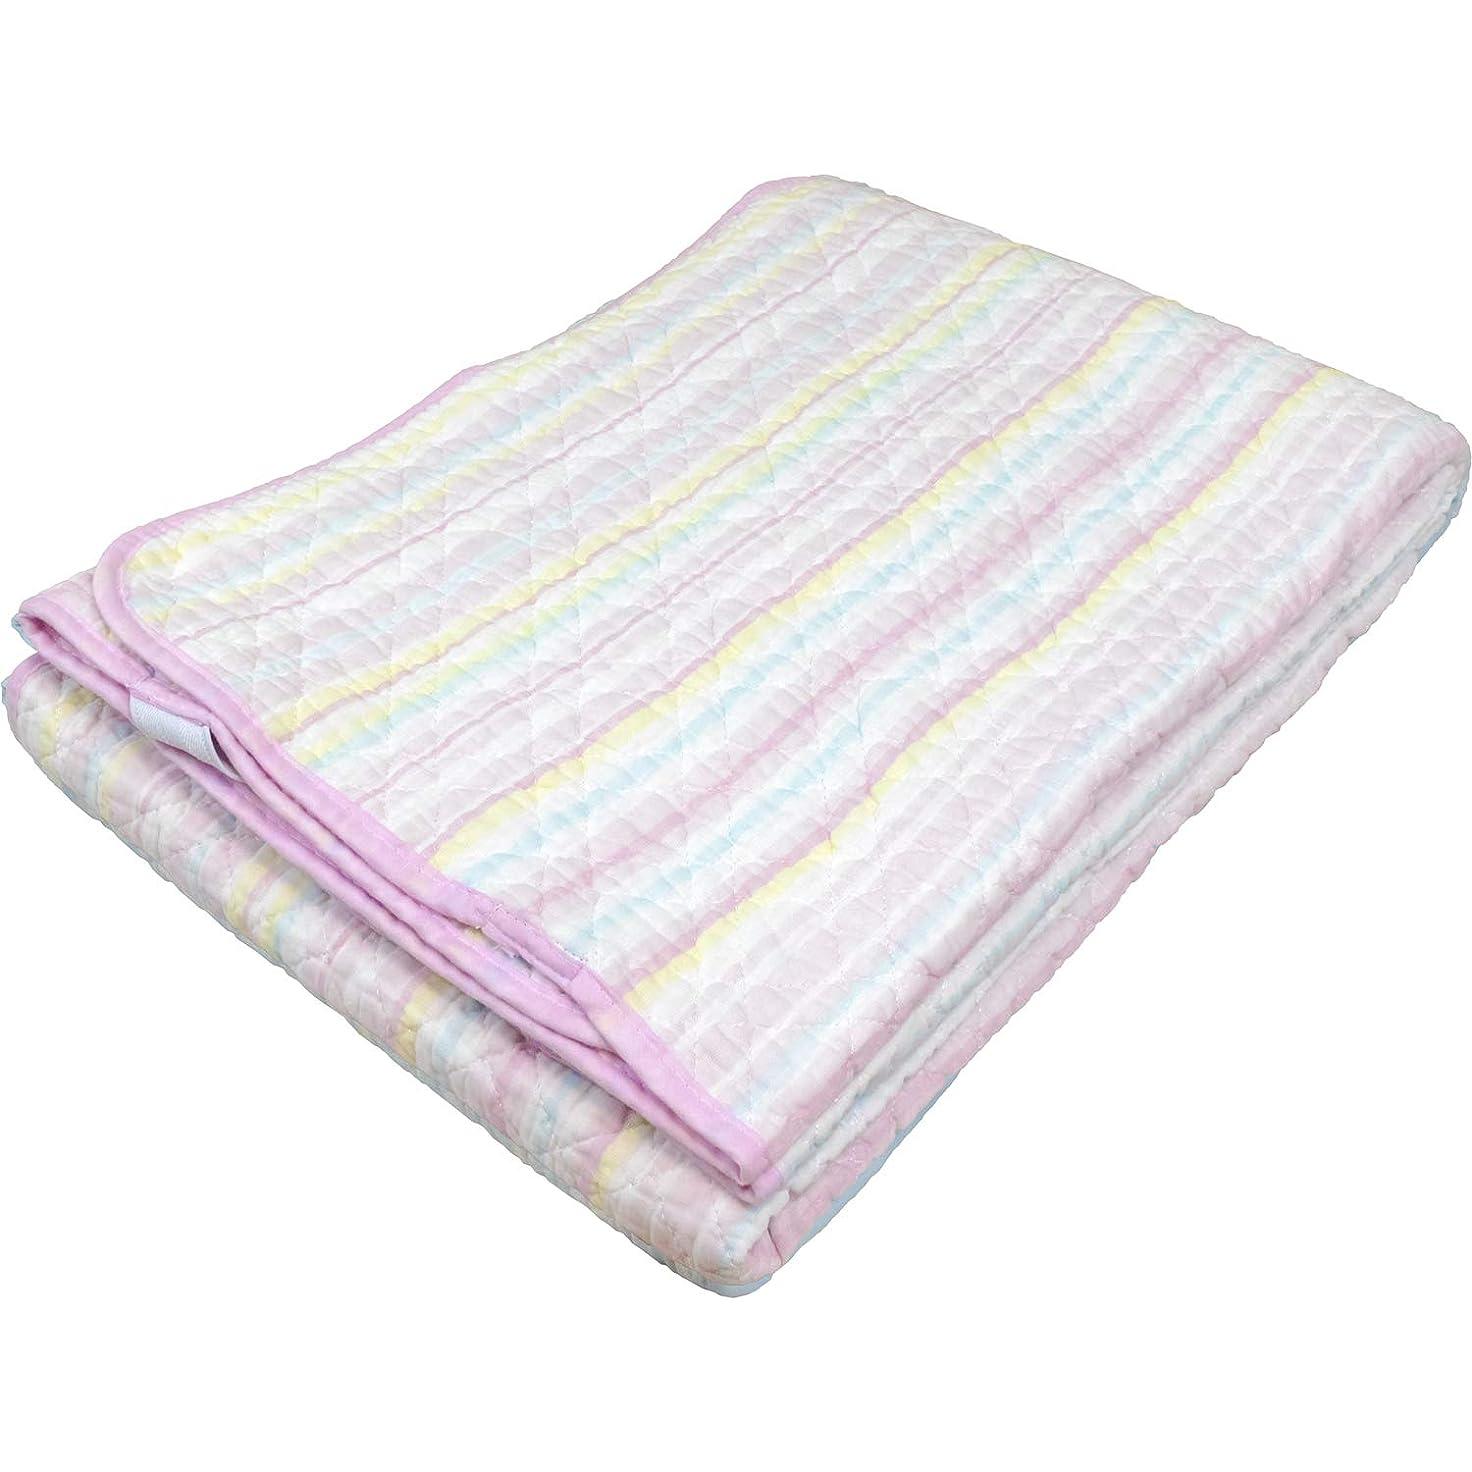 除外する対駐地綿100% 水洗いガーゼ敷きパッド ダブル 140×205cm ピンク色 さわやかな肌ざわり 強化ゴムバンド 水洗い可能